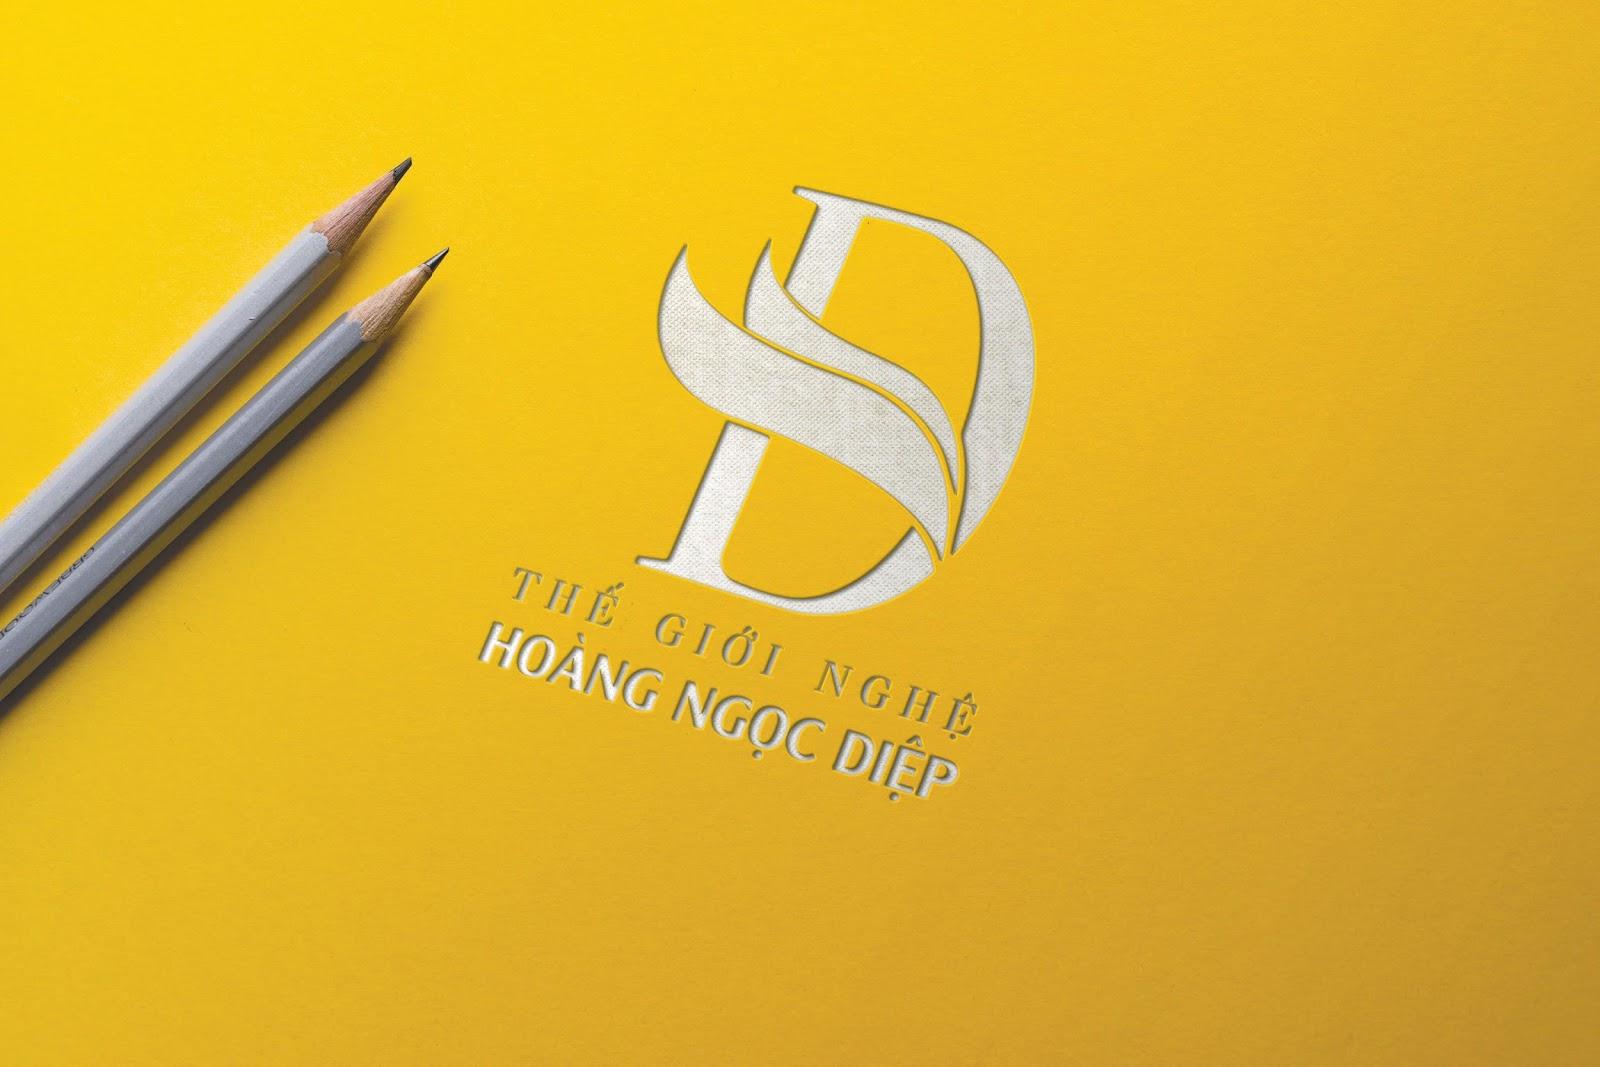 Mỹ phẩm Hoàng Ngọc Diệp -  Lễ bổ nhiệm cán bộ cấp cao và ký kết hợp tác với các nhà phân phối chiến lược - Ảnh 8